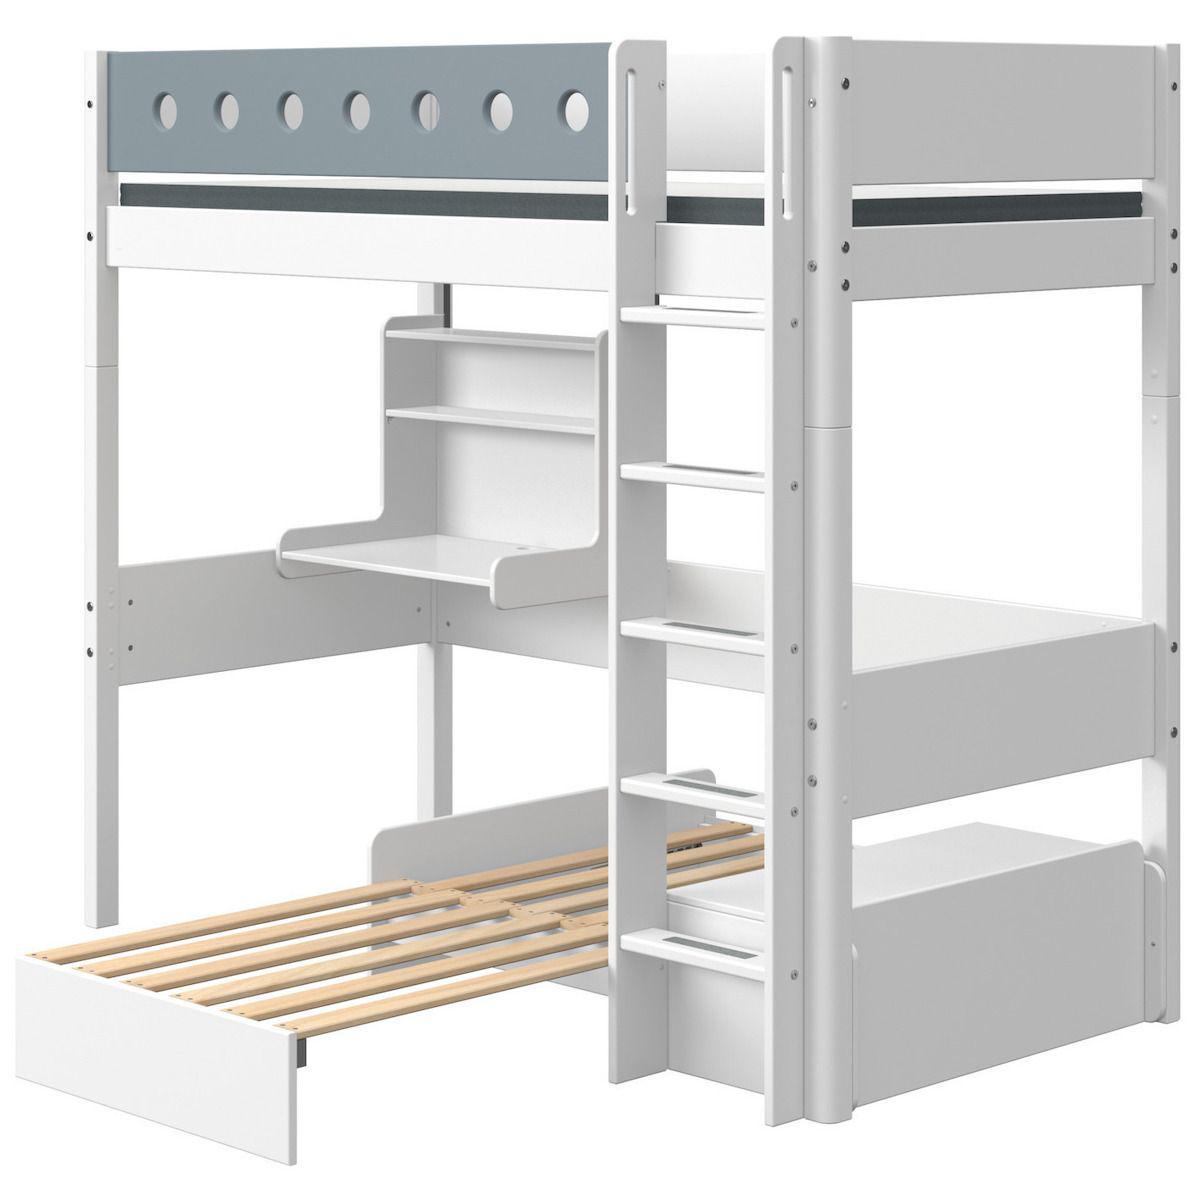 Cama alta 90x190cm escalera recta-módulo casa-escritorio clic WHITE Flexa blanco-azul claro